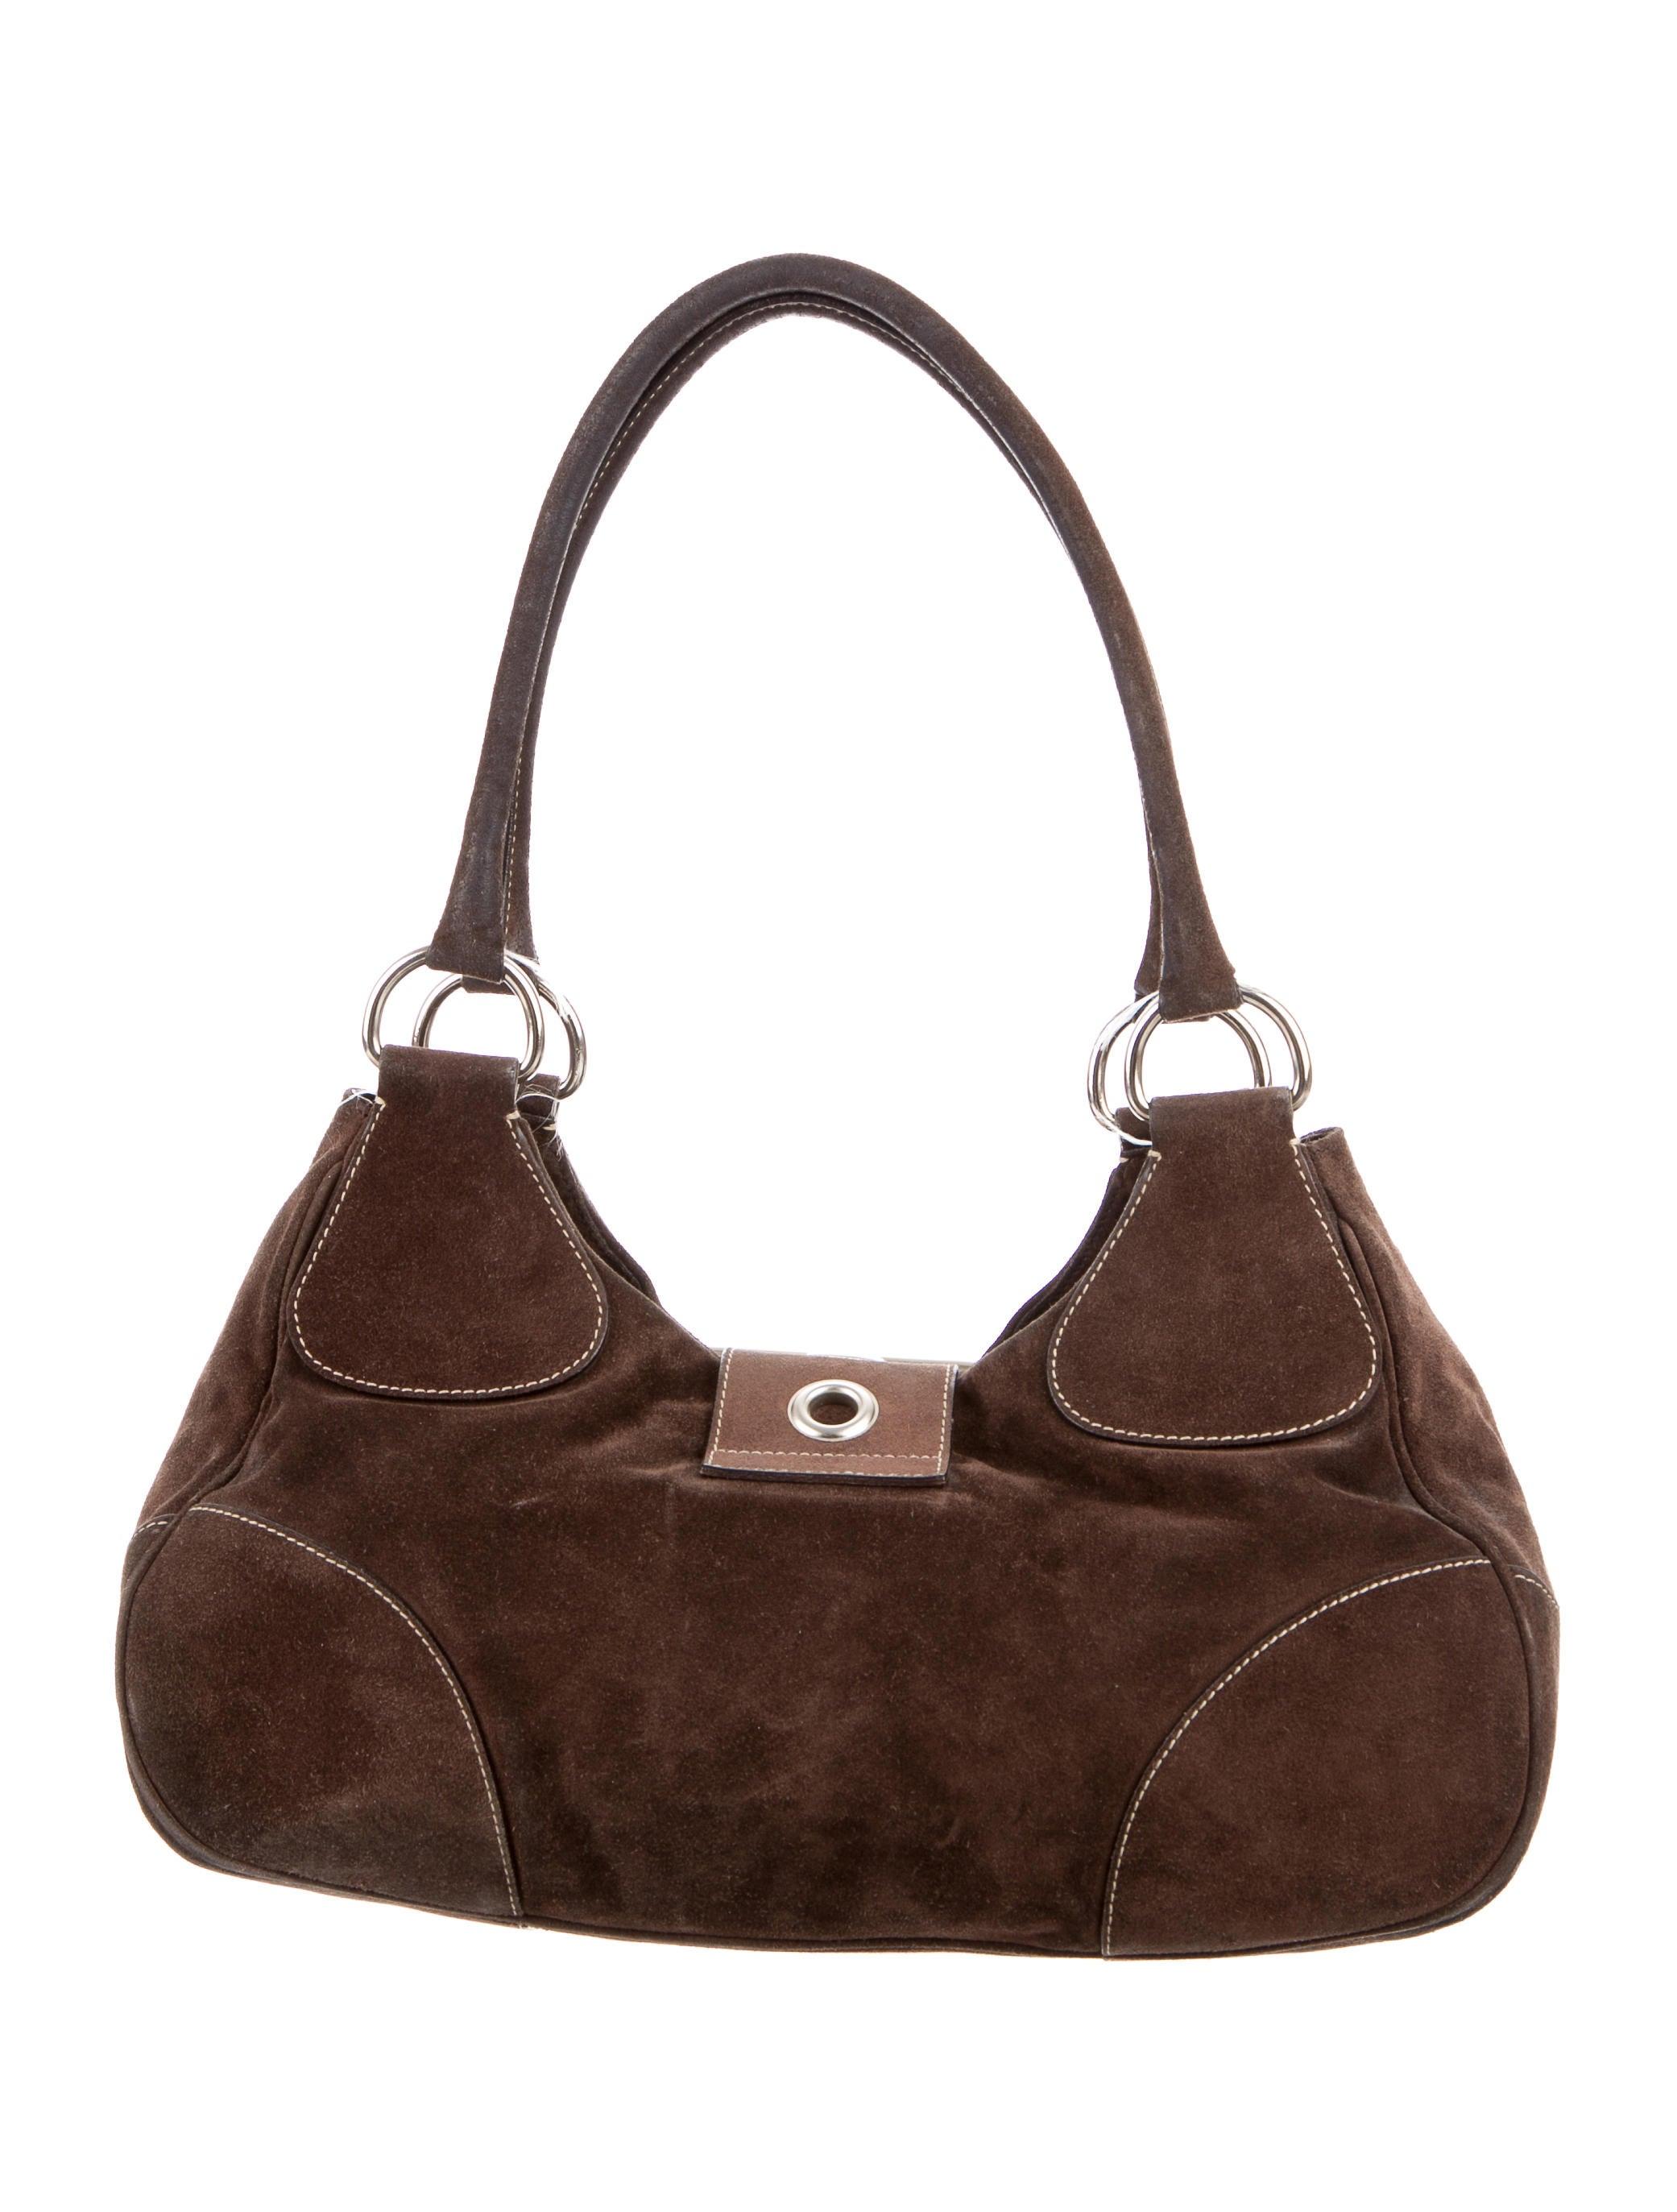 Prada Scamosciato Suede Shoulder Bag - Handbags - PRA124420  642e4d2ab6fb4